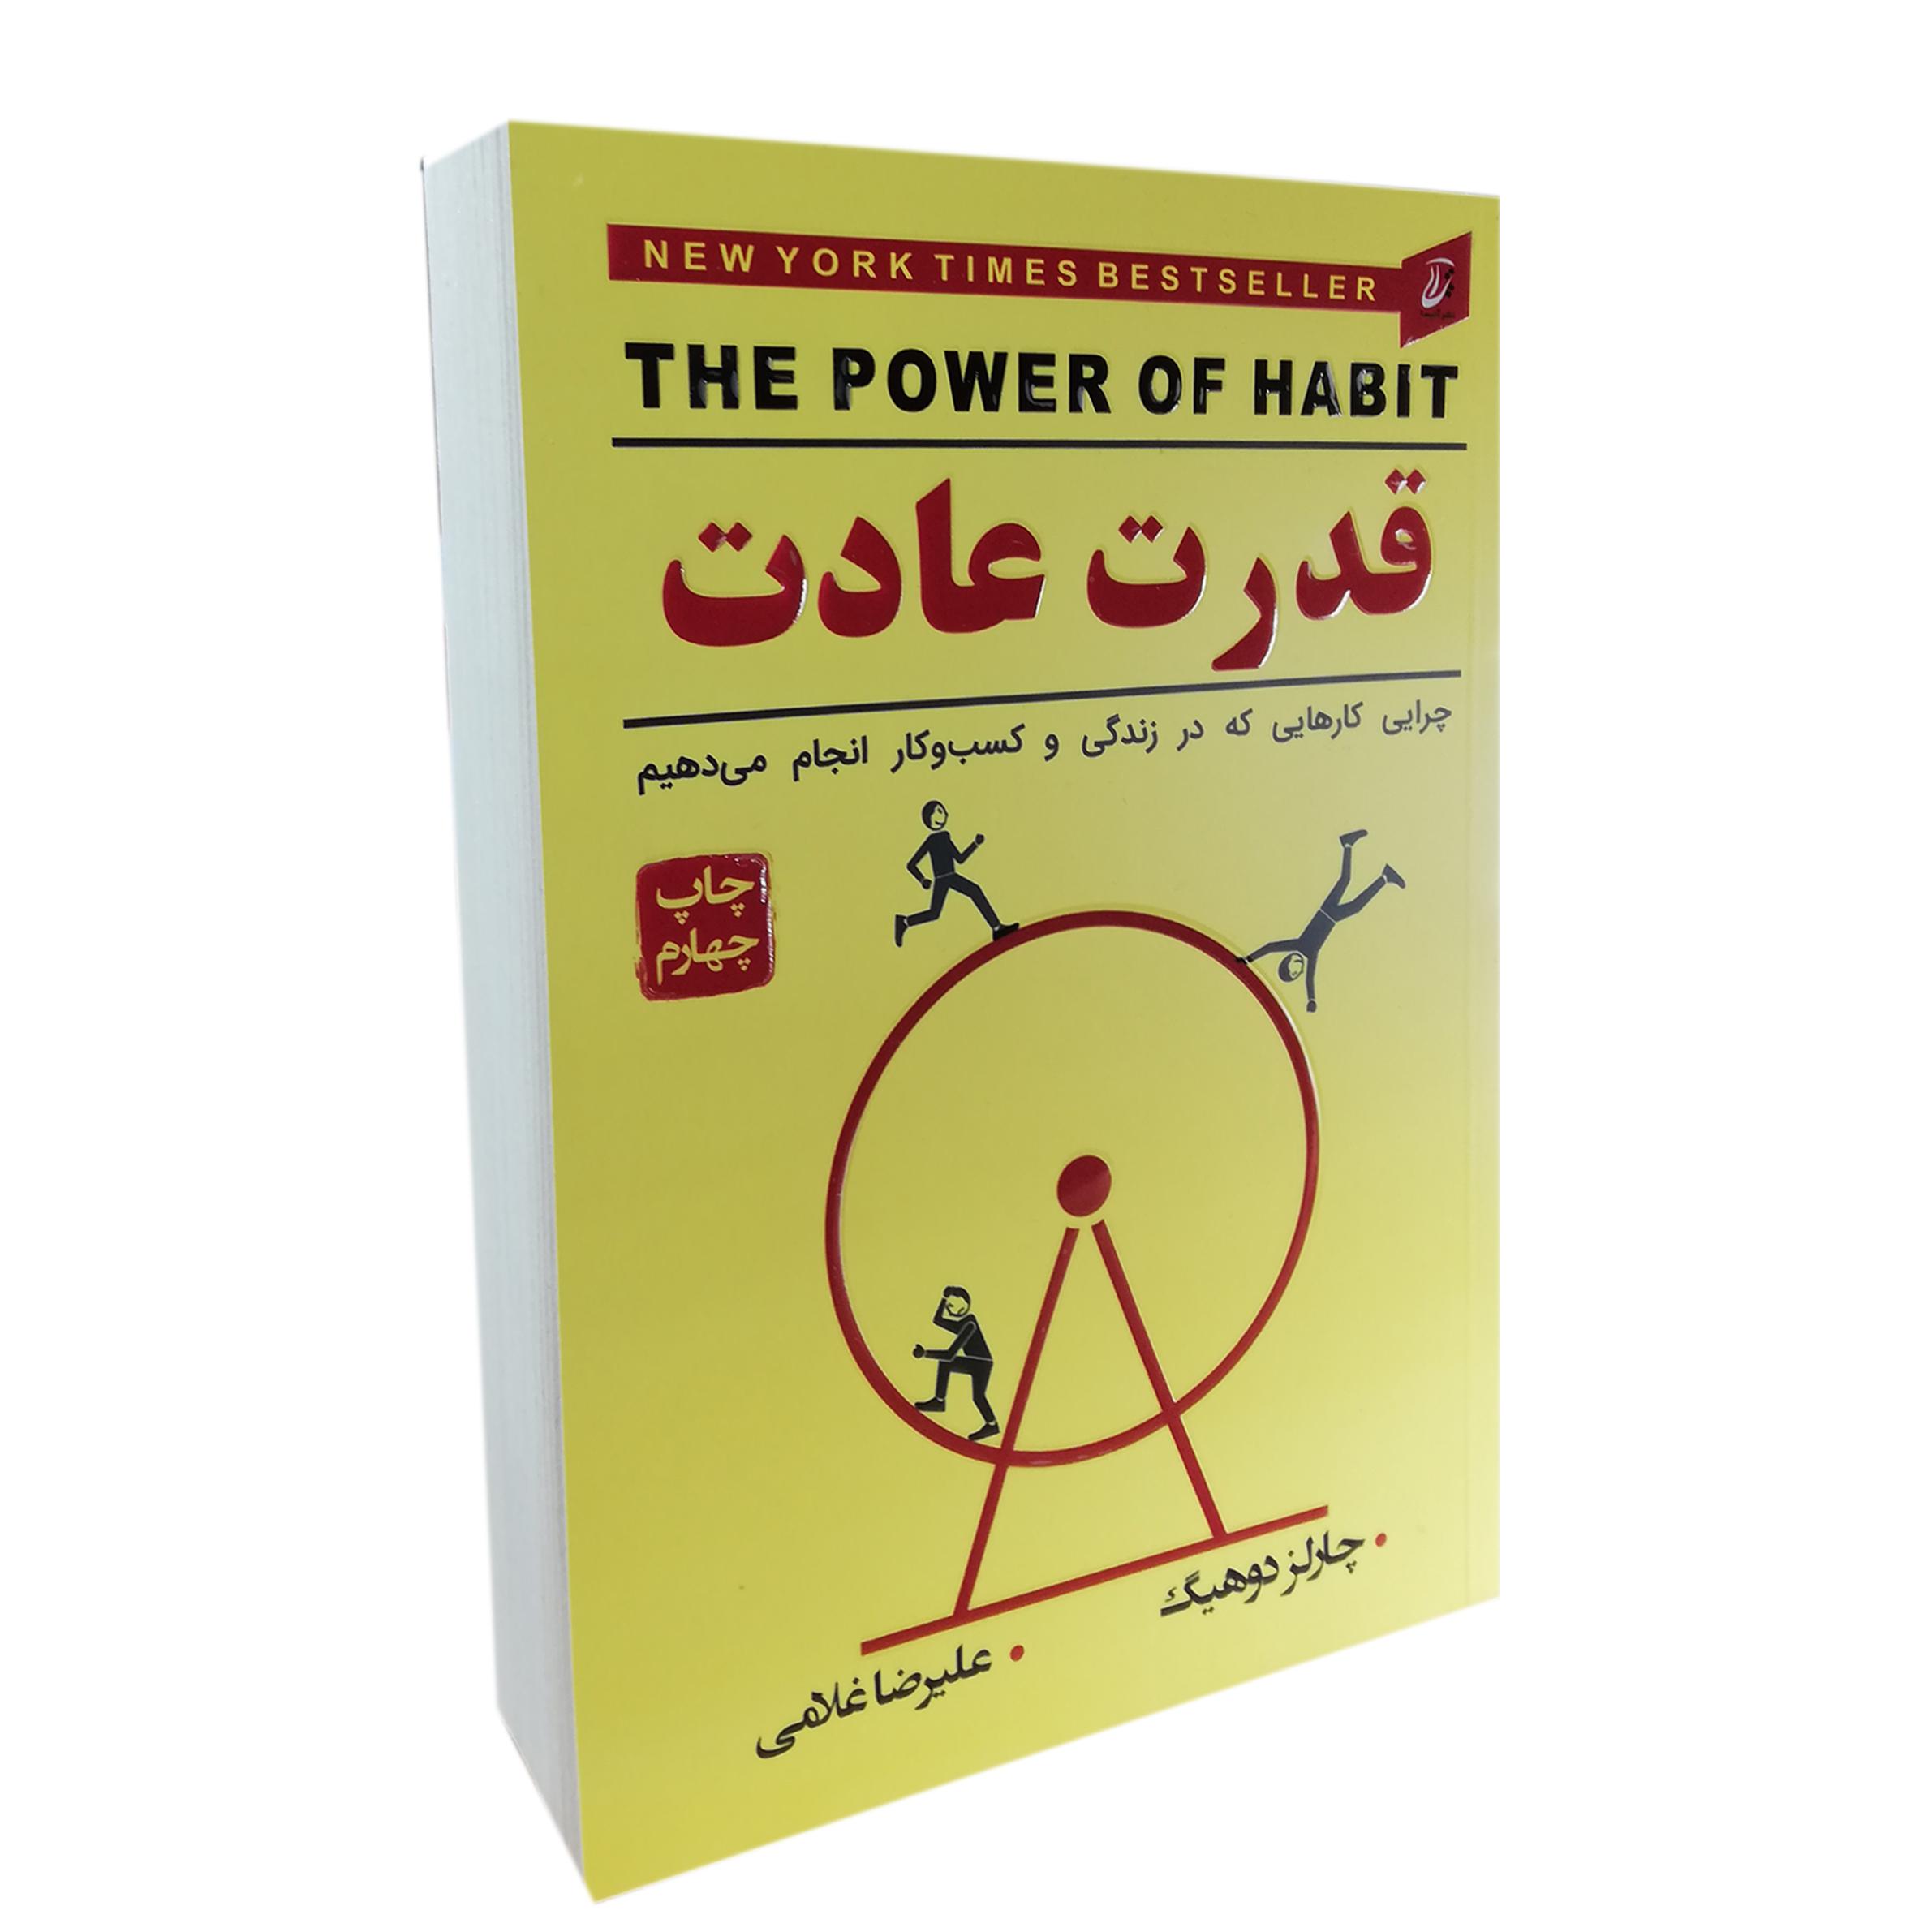 کتاب قدرت عادت اثر چارلز دوهیگ از نشر آتیسا